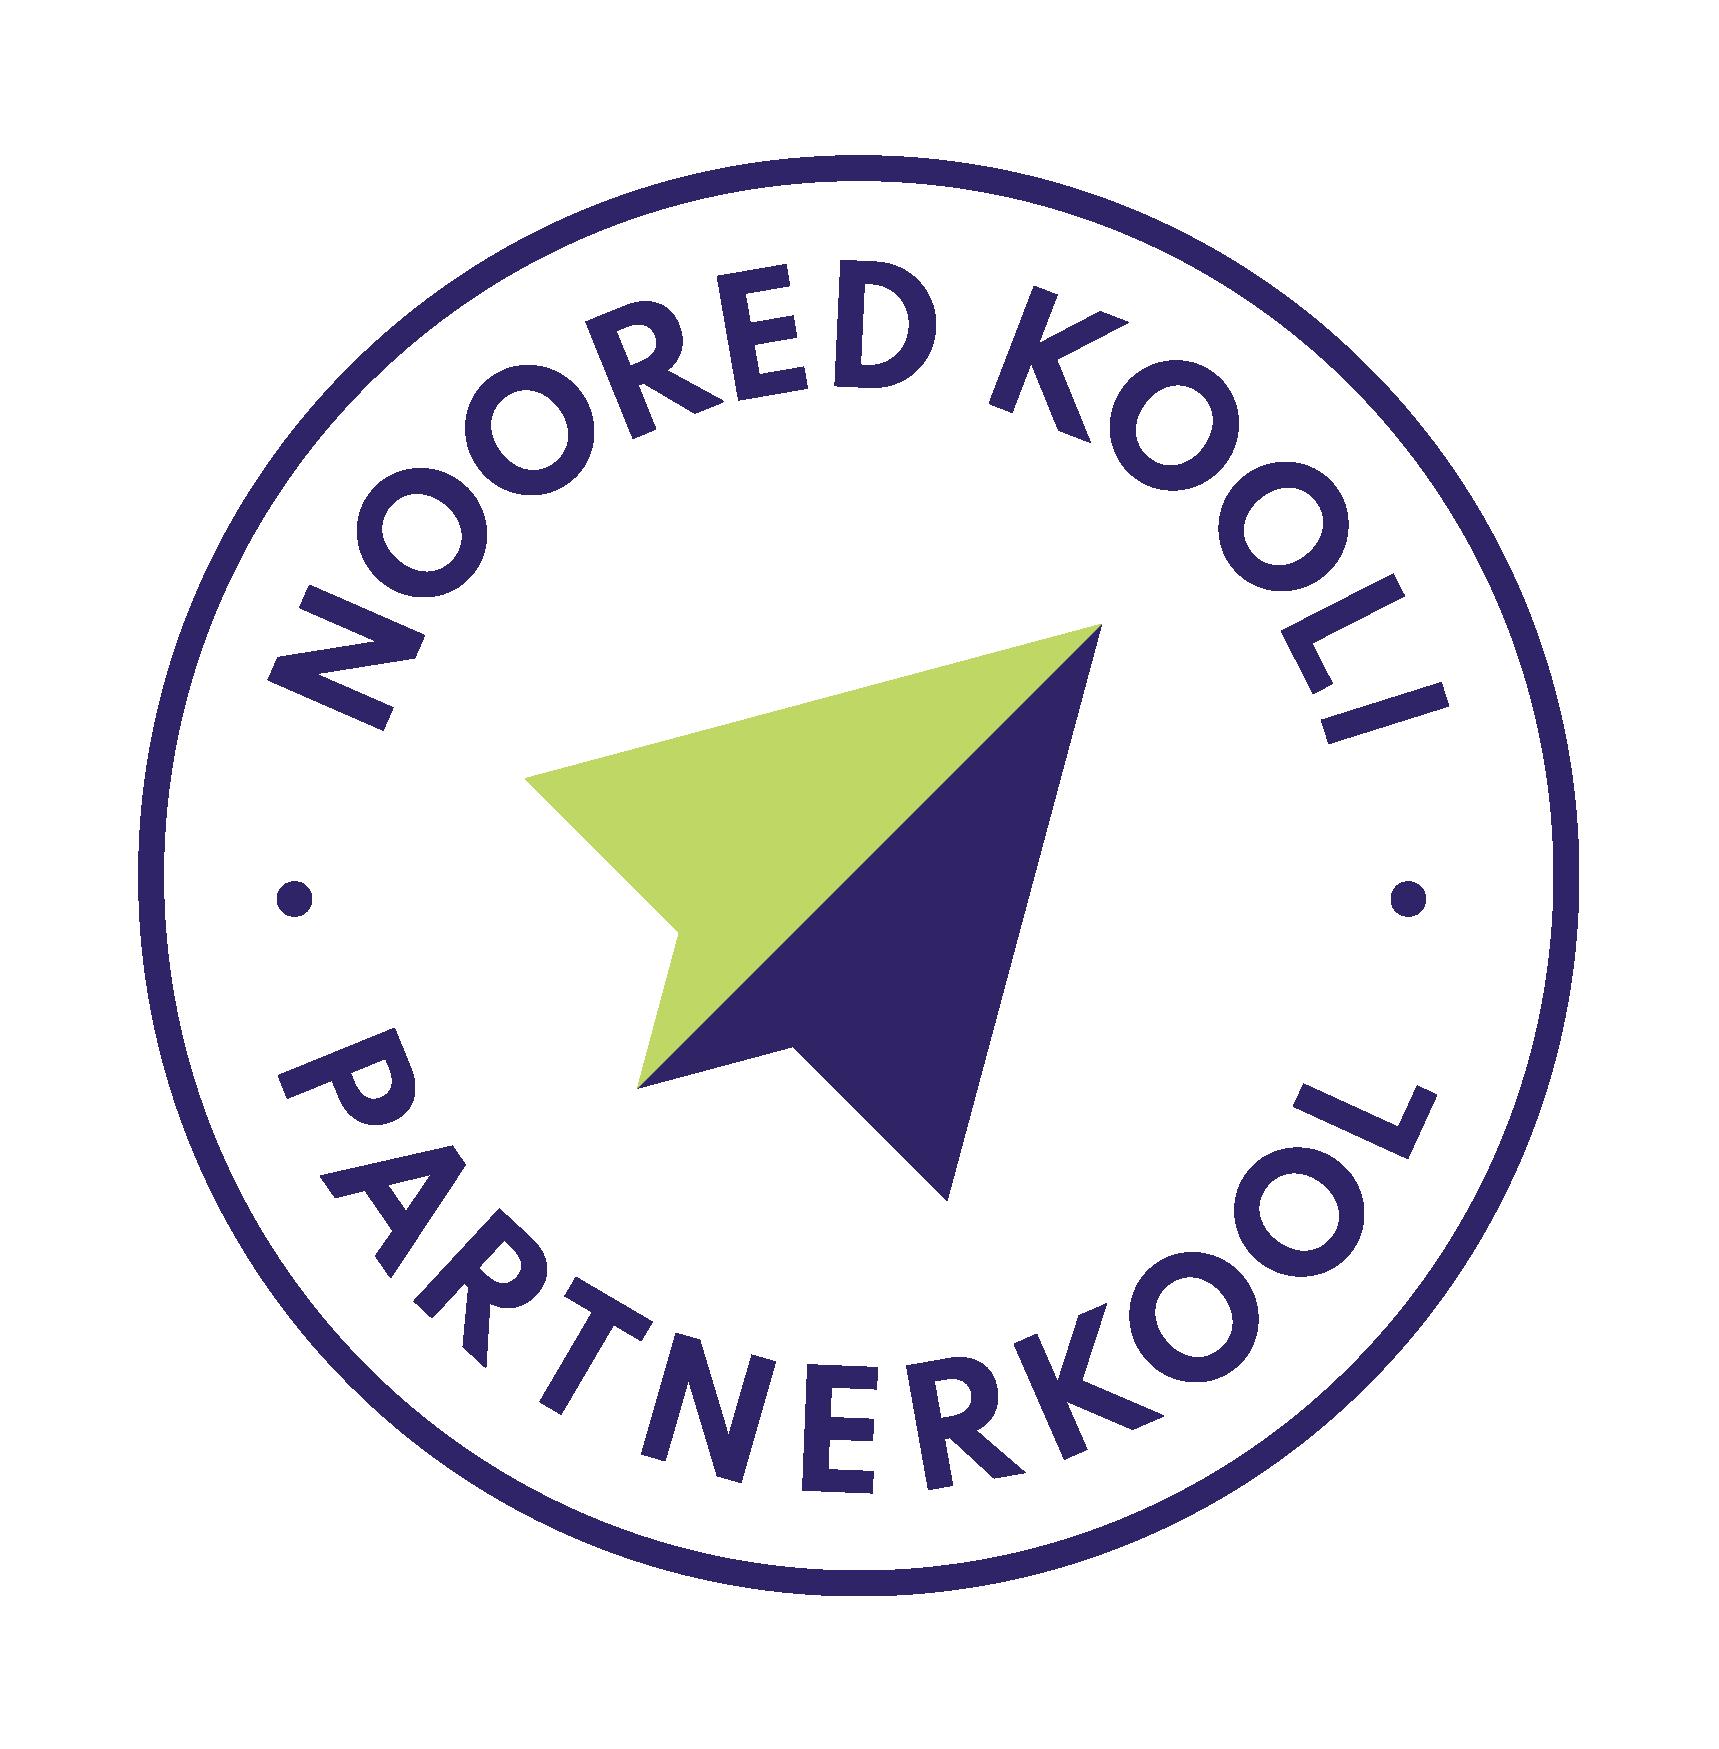 Noored kooli logo